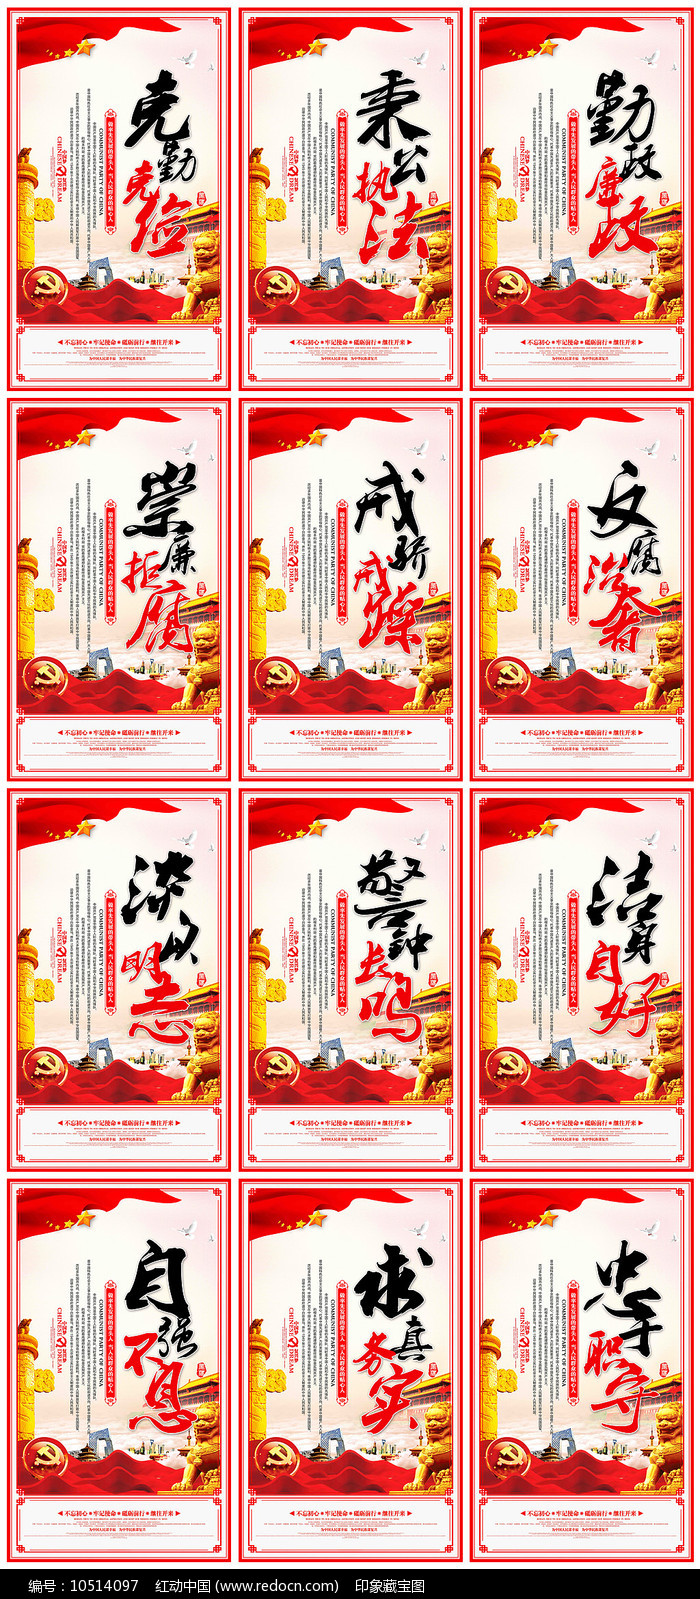 反腐倡廉廉政文化宣传展板设计图片